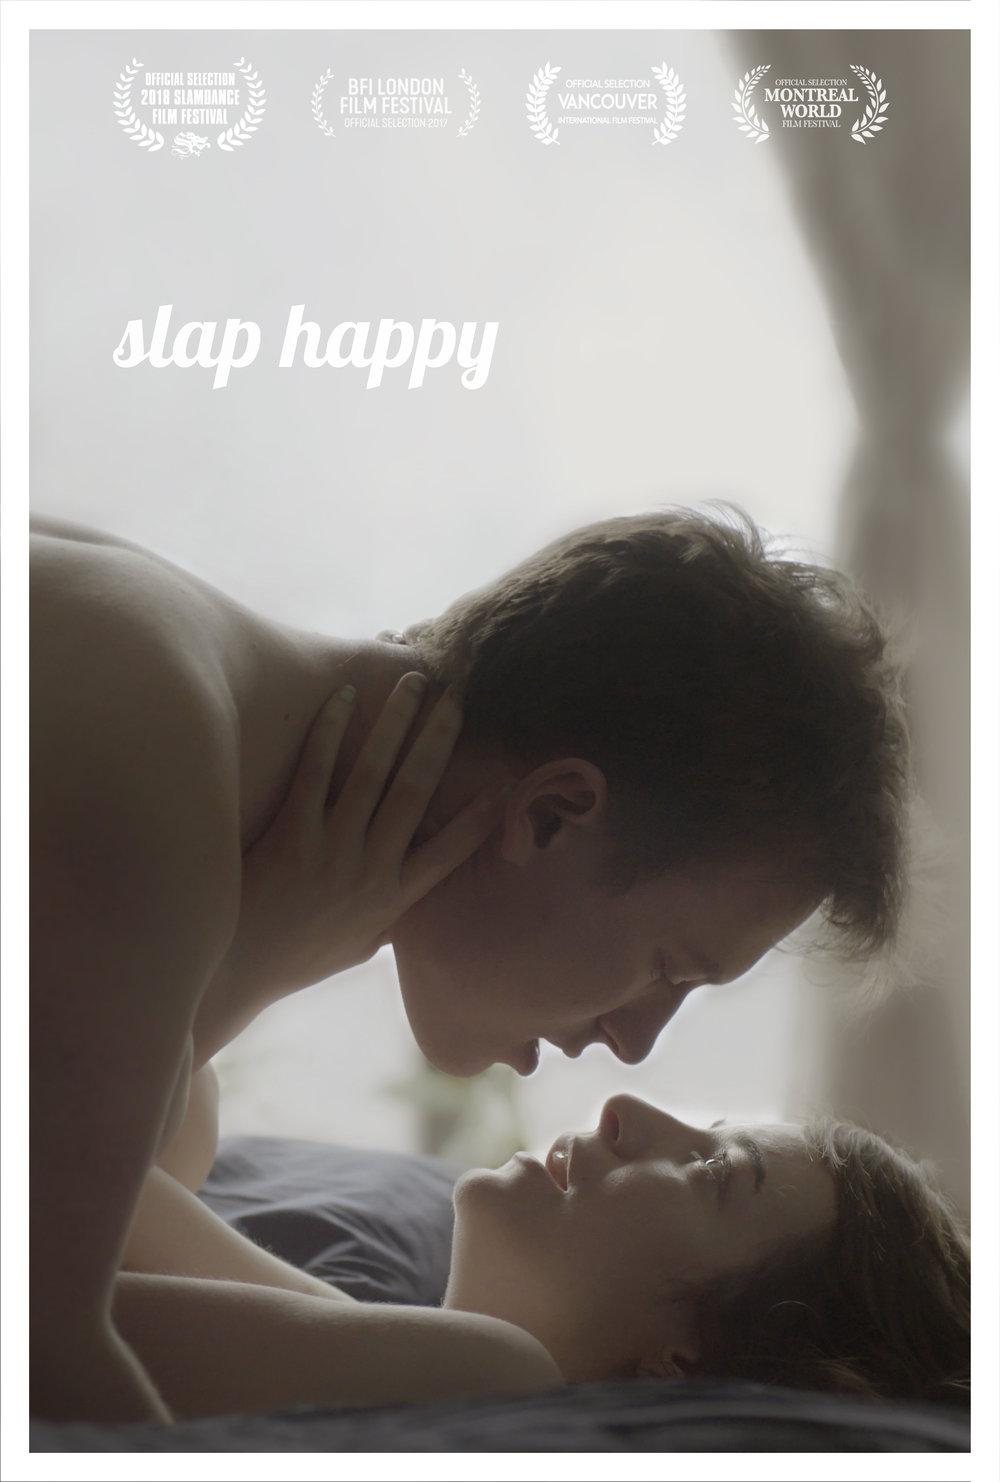 SlapHappy_Poster_27x40.jpg